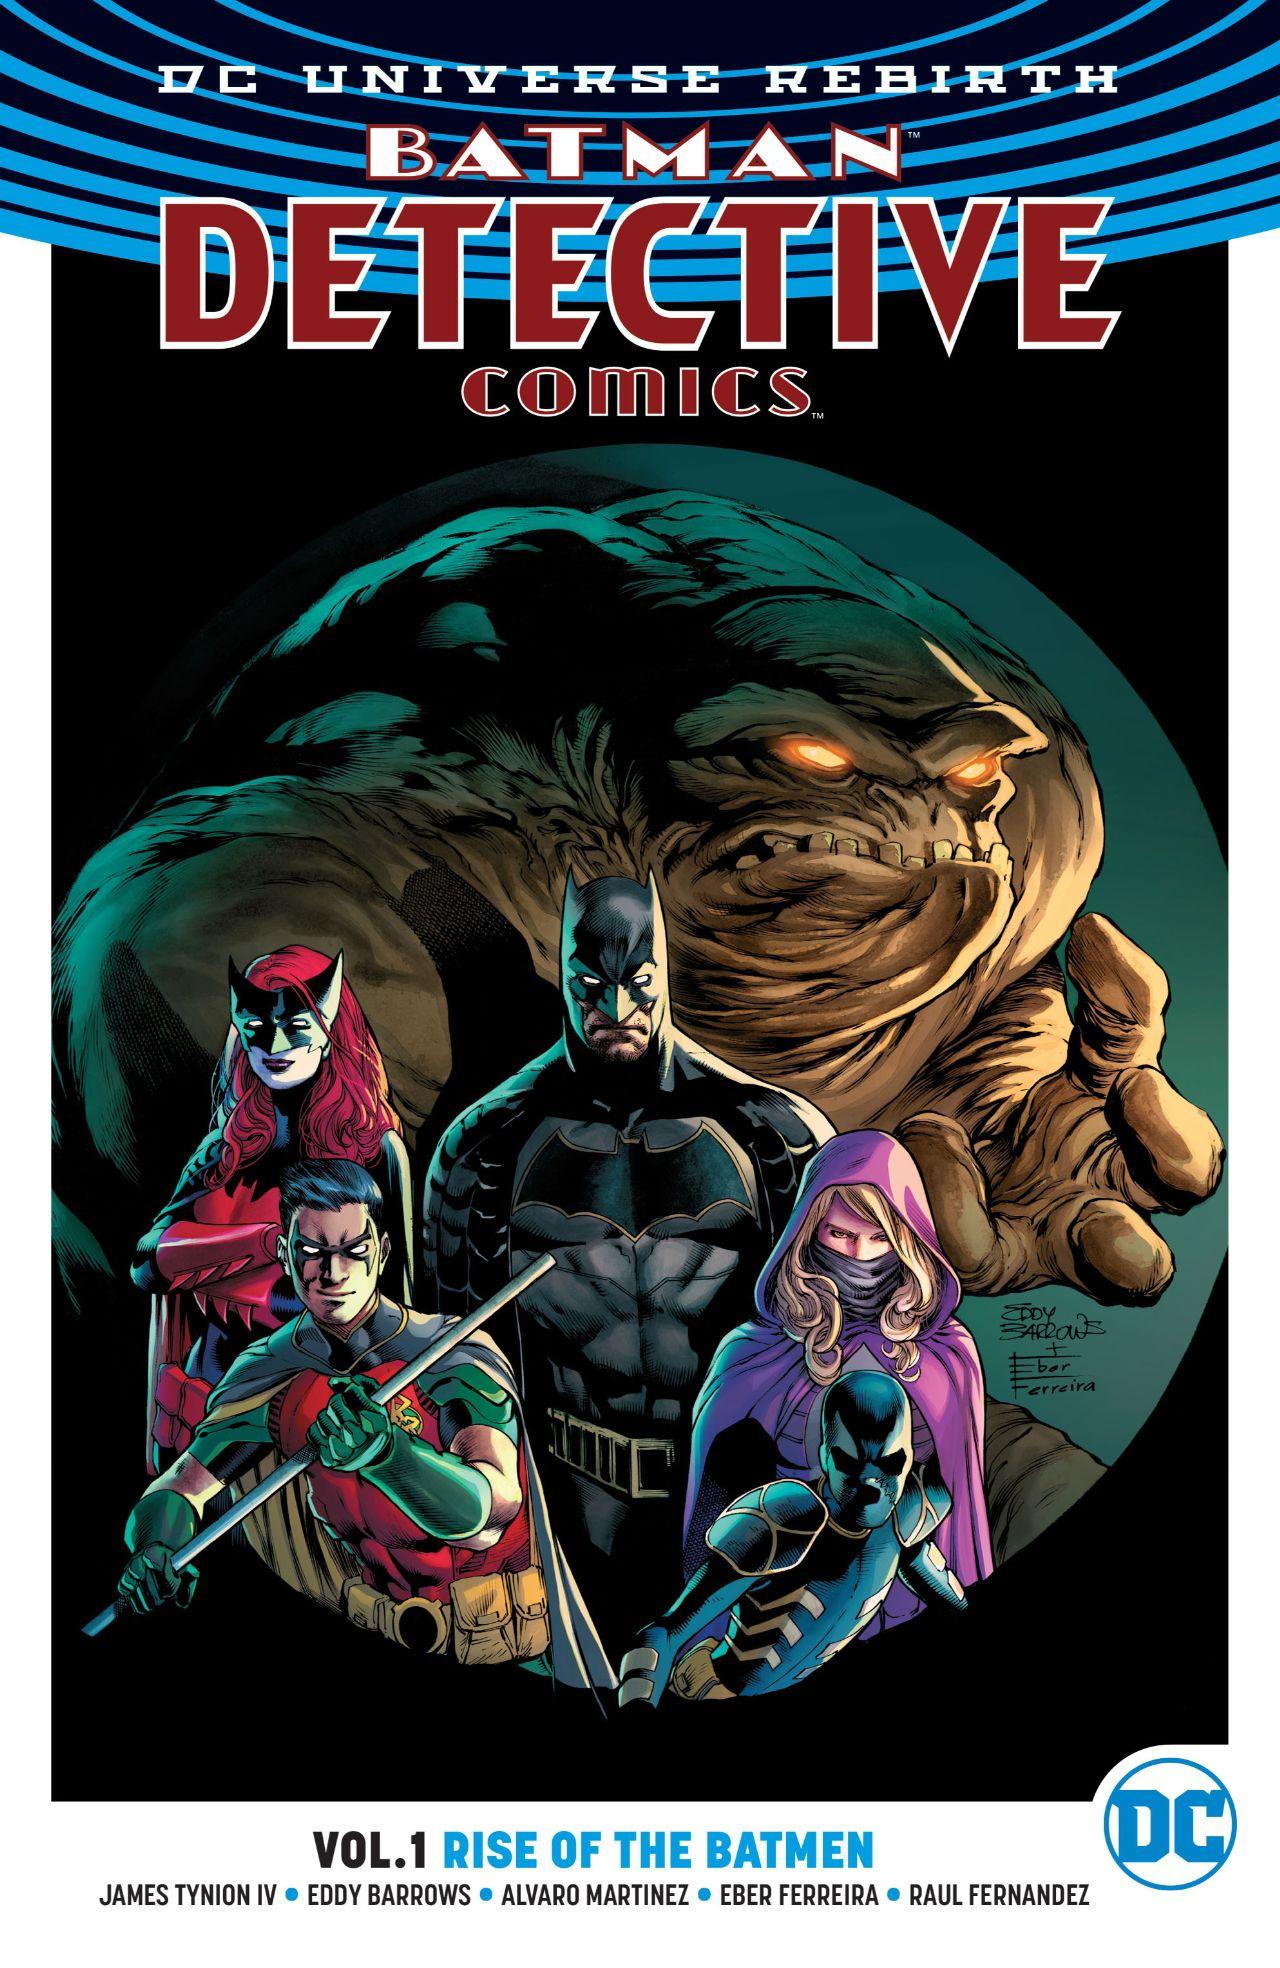 DC universe rebirth - Batman detective comics Vol. 1: Rise of the batmen